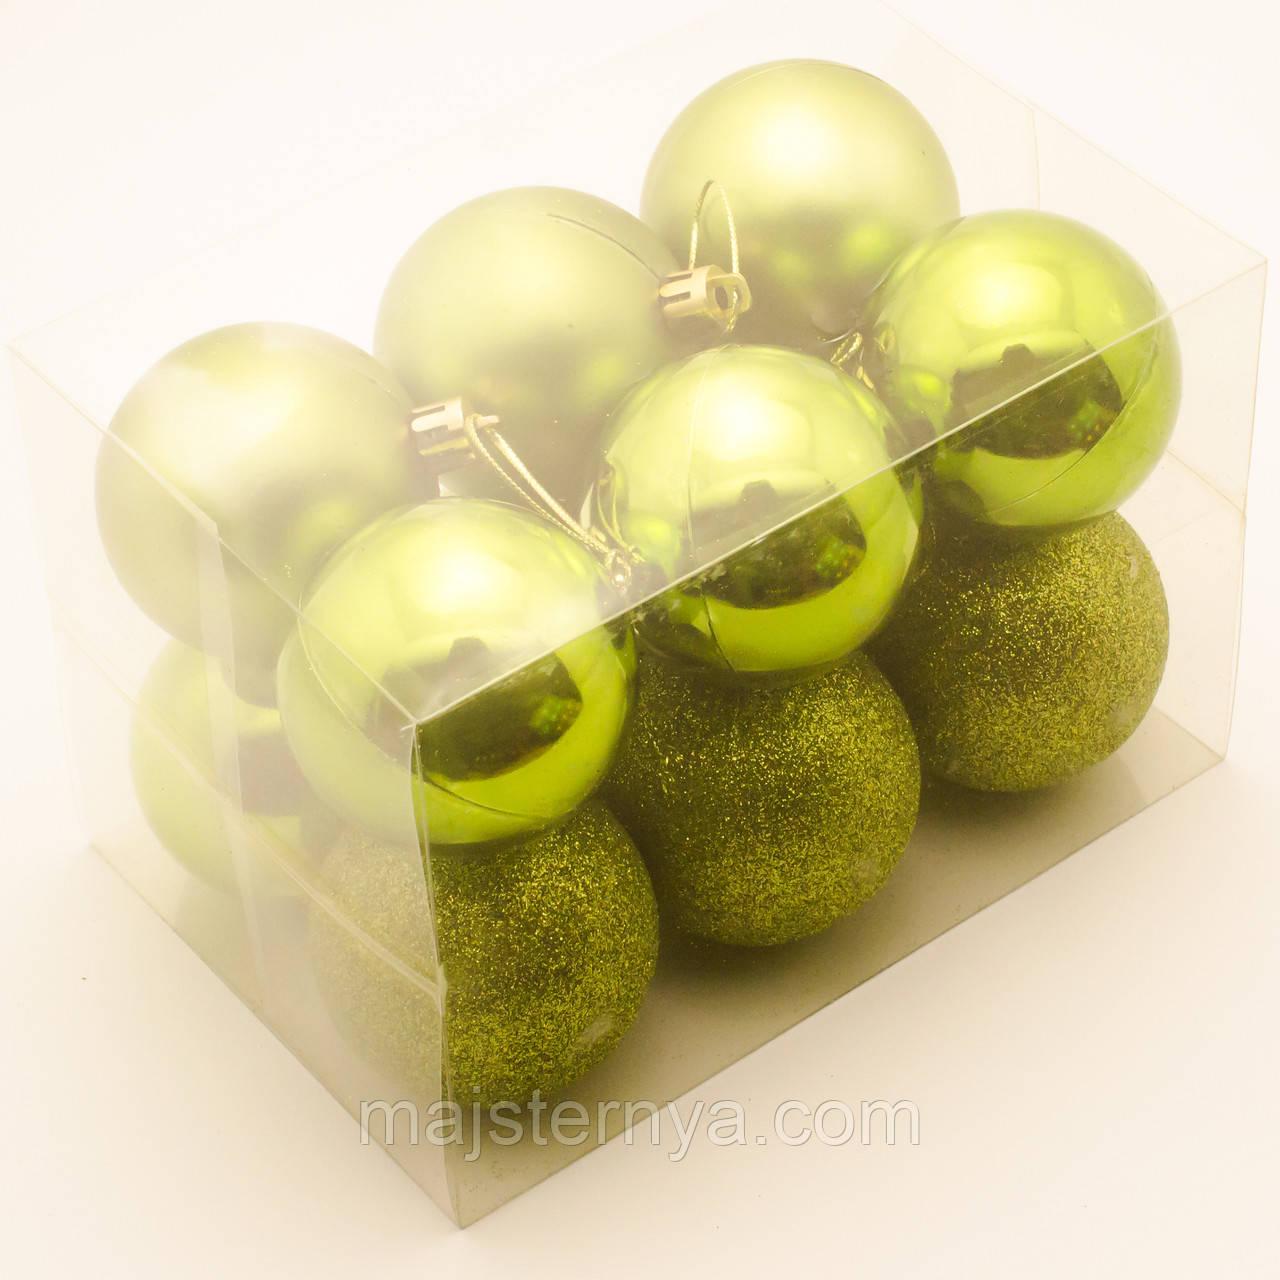 Новогодние шары на елку 6см (12шт в упаковке) зеленые